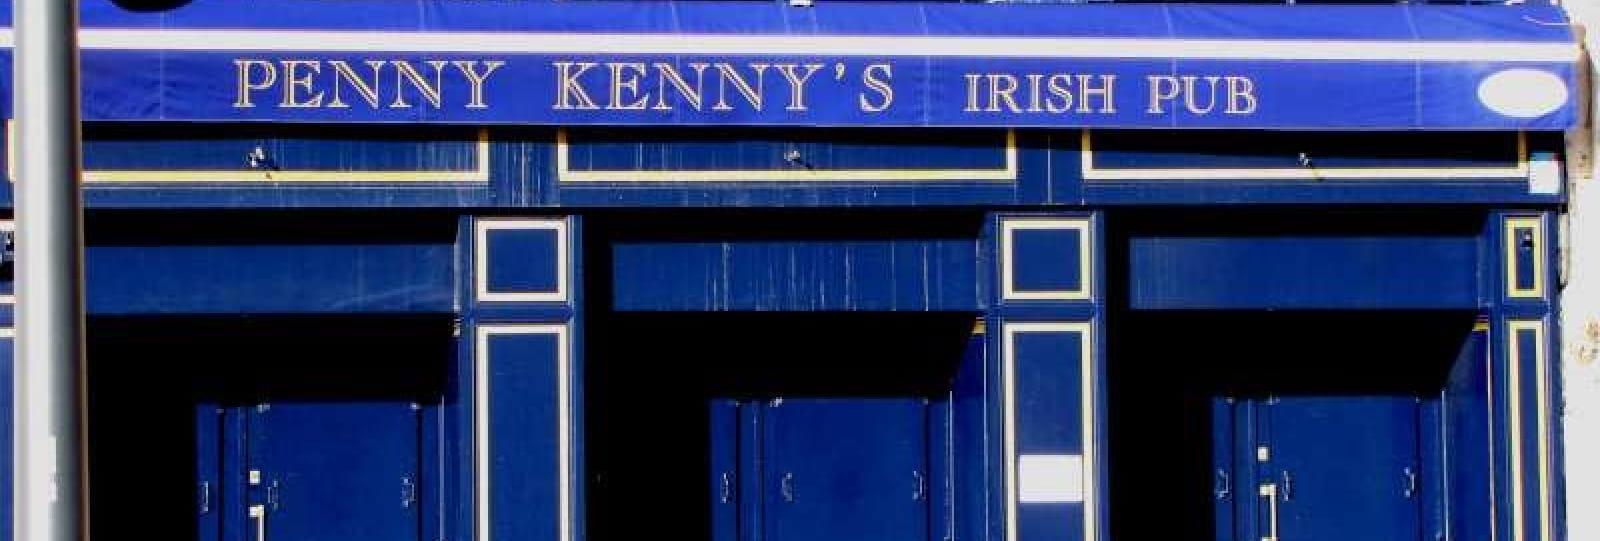 Penny Kenny's Irish Pub